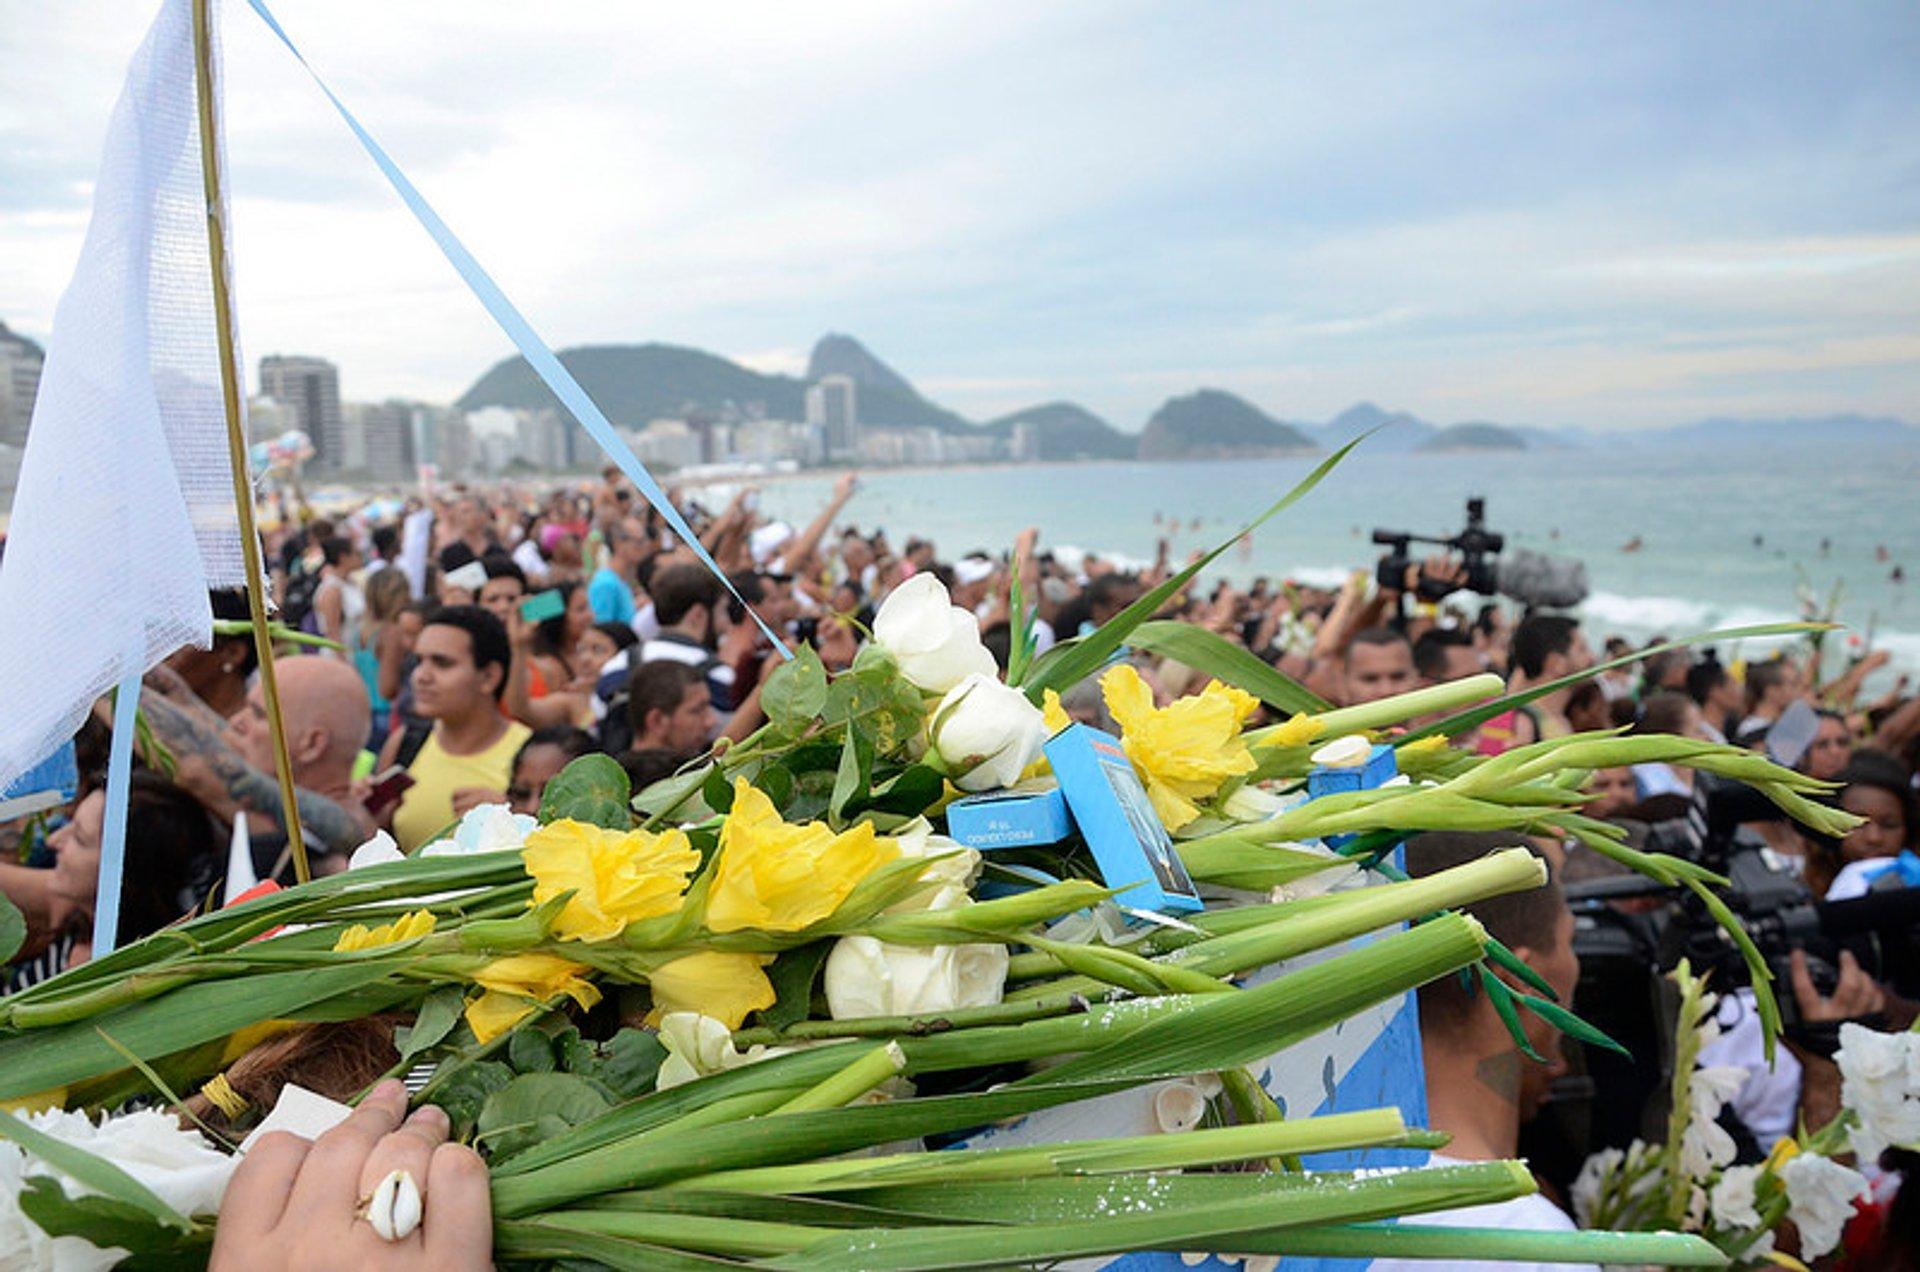 Best time to see Festa da Iemanjá in Rio de Janeiro 2020